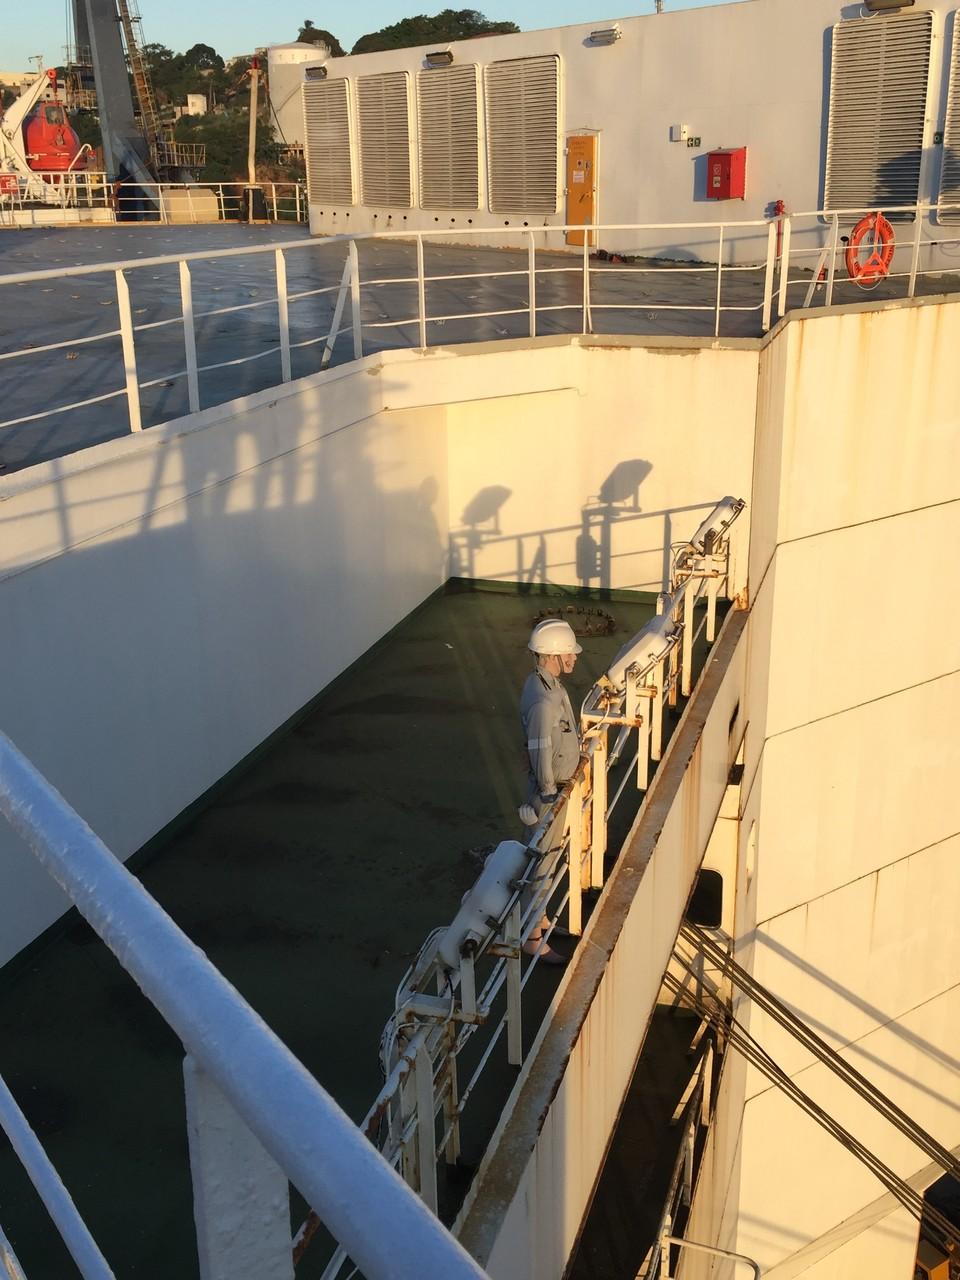 Am Heck bewacht Charly, unser Maskottchen, das Schiff